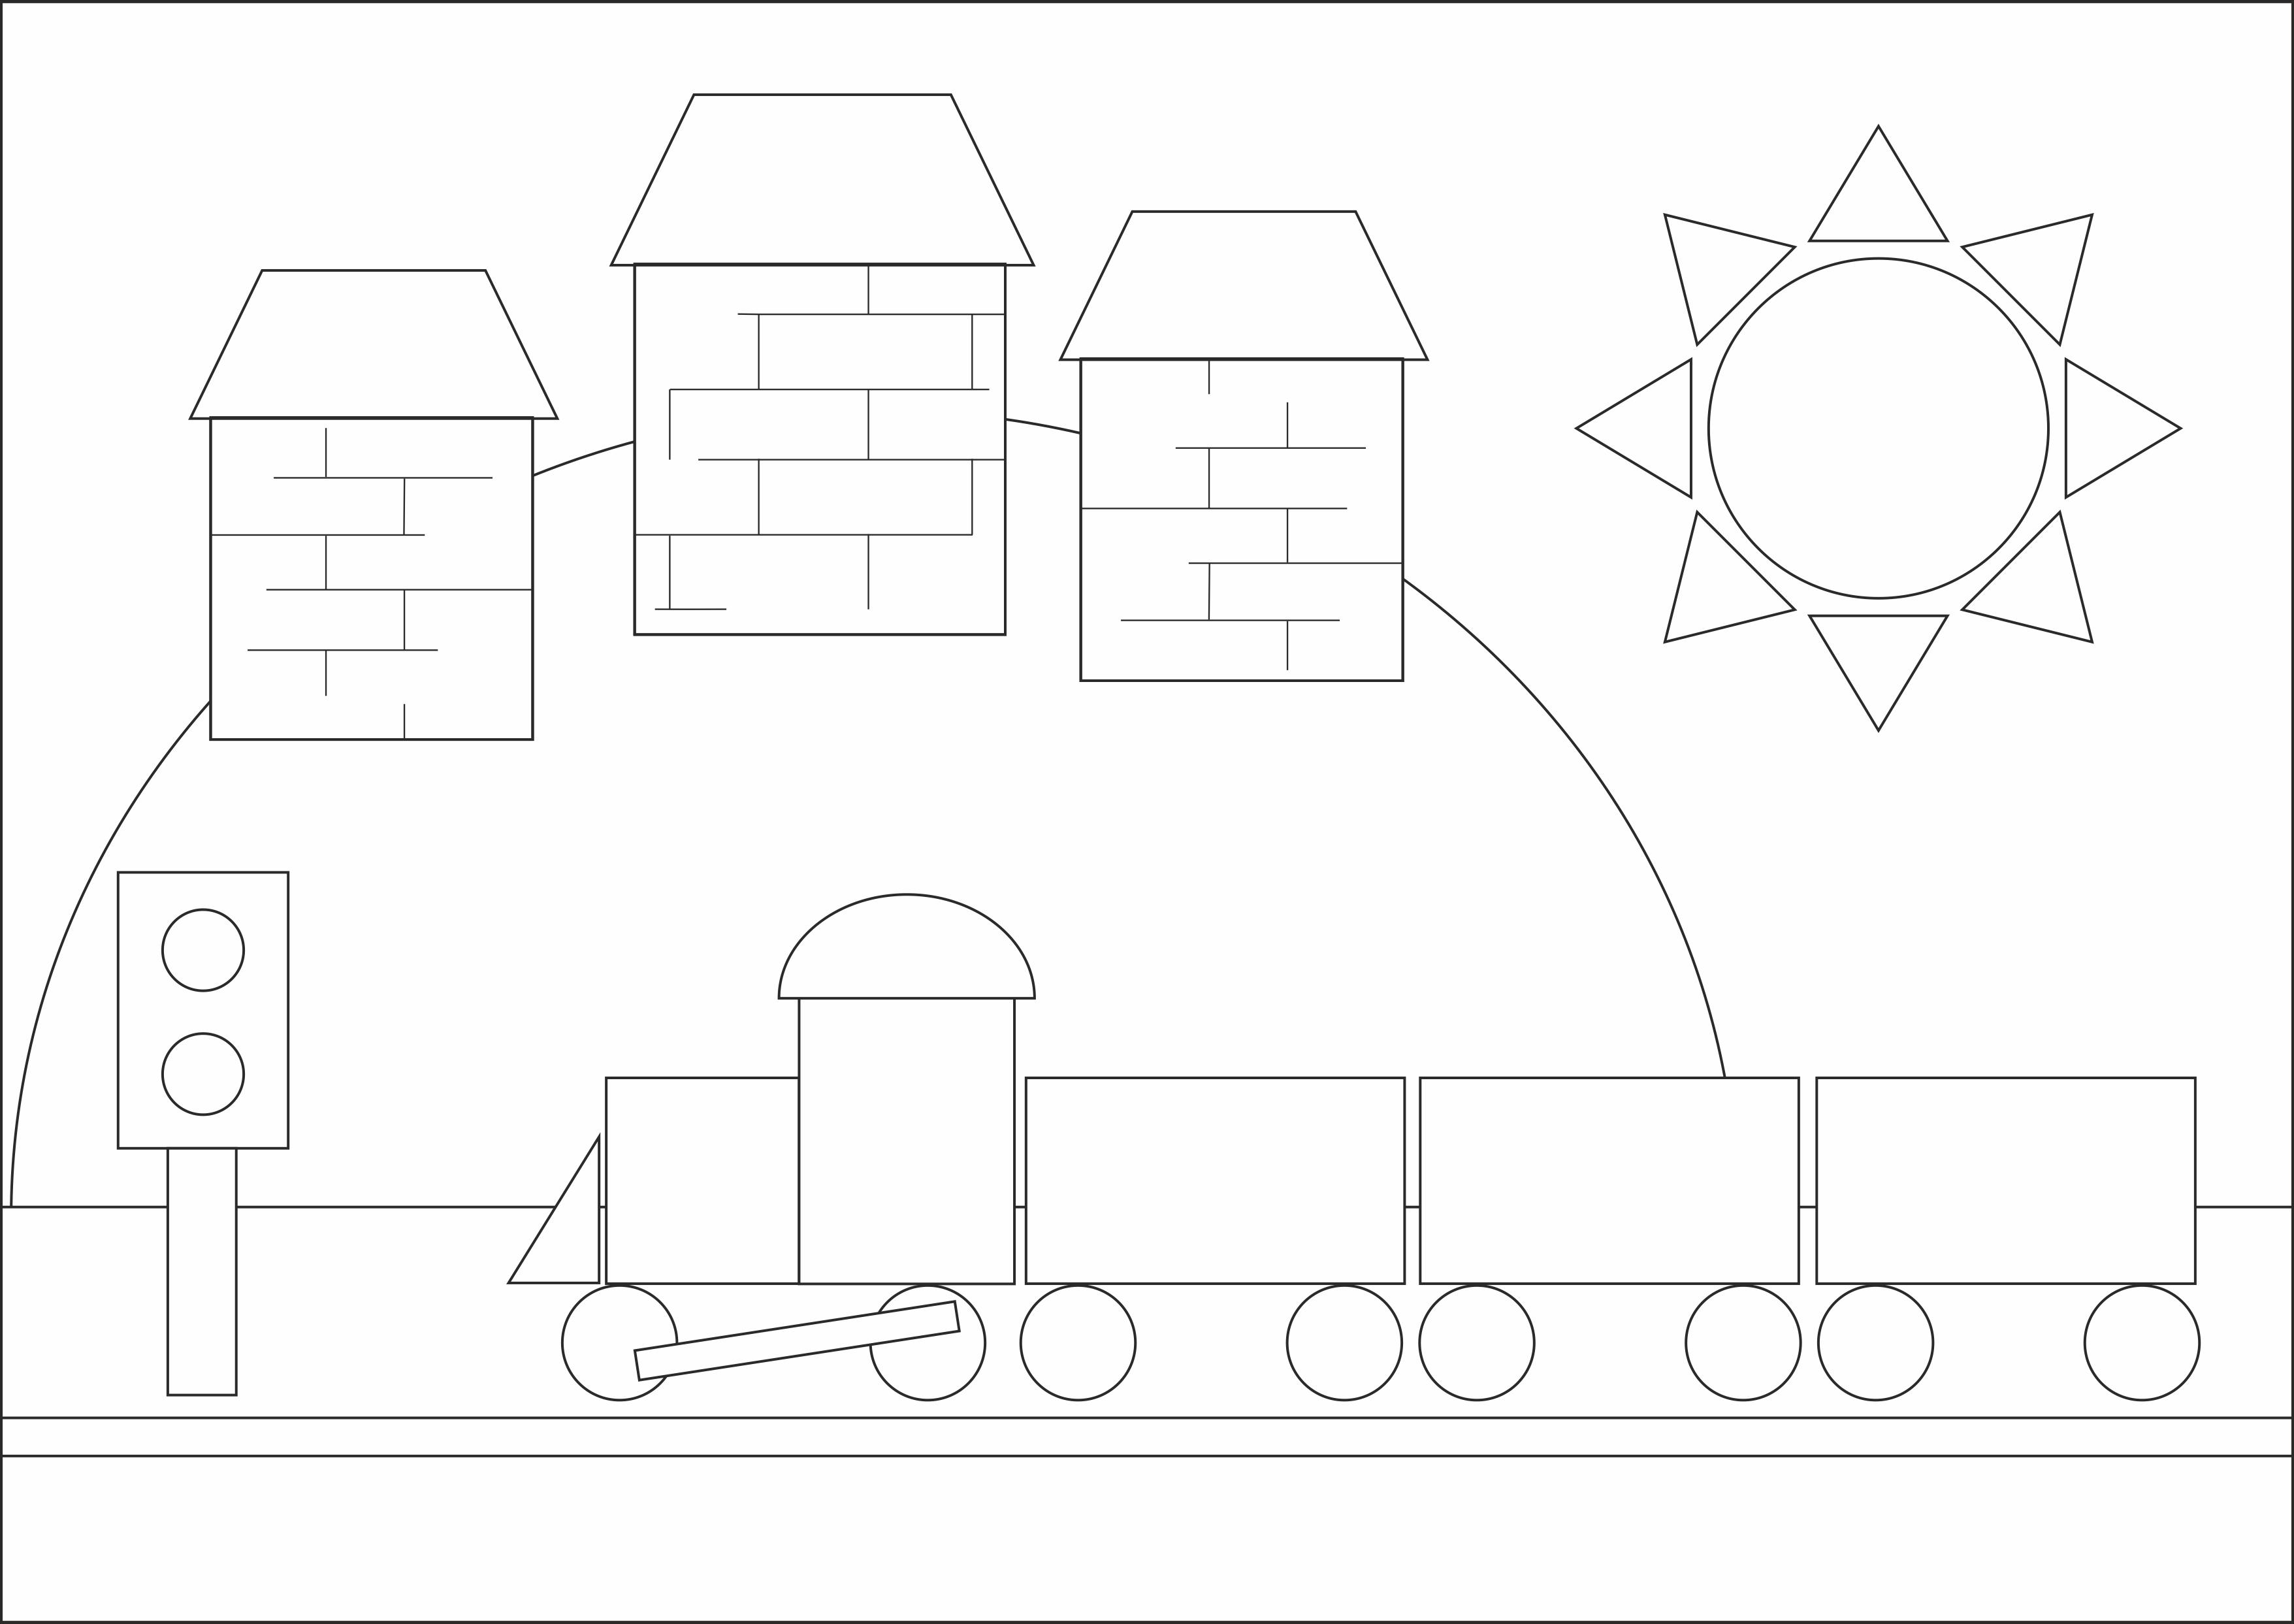 """Раскраска из геометрических фигур""""Железная дорога"""""""